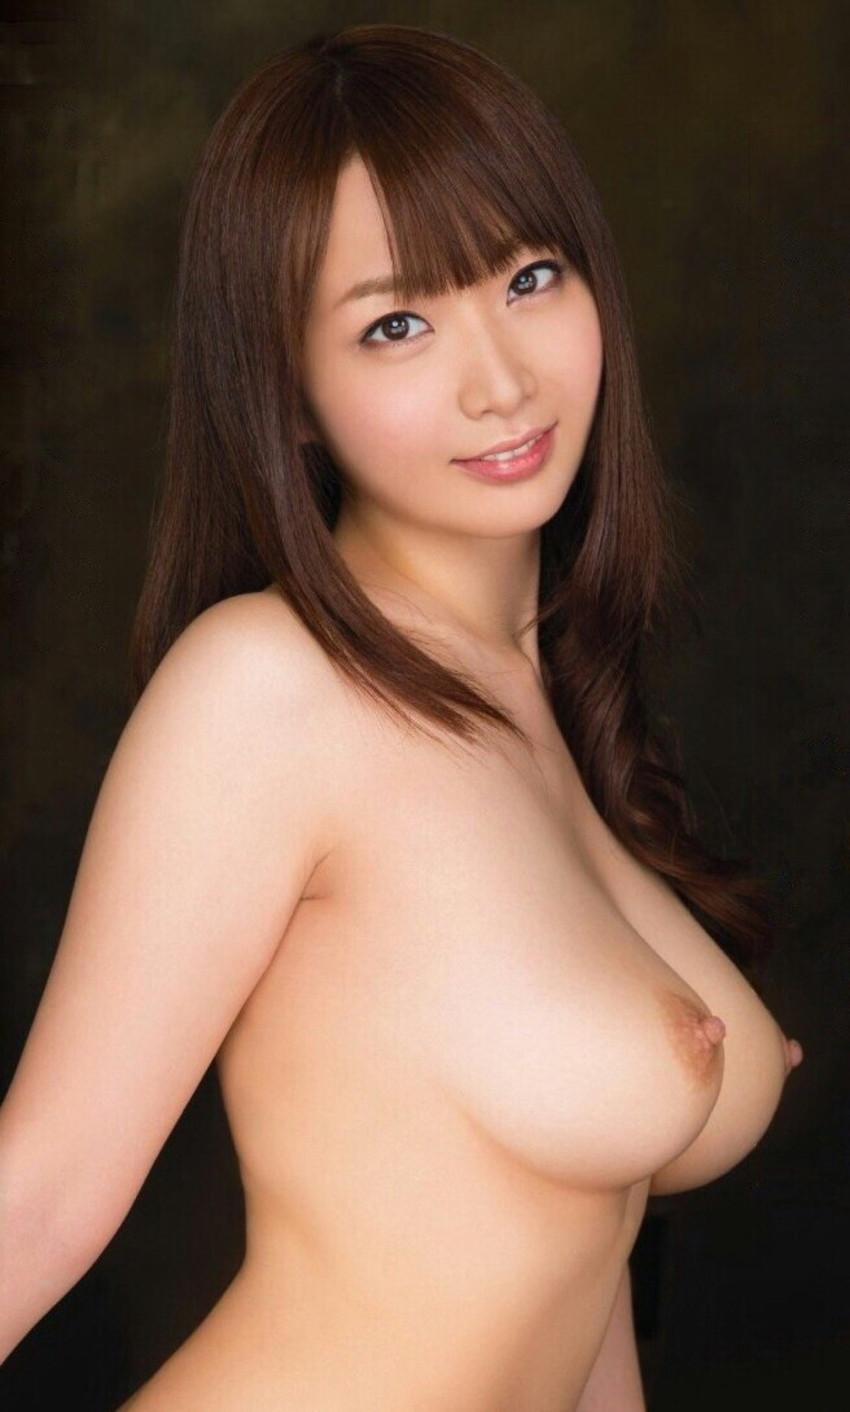 【美乳エロ画像】ため息が出るほどに色、形ともにカンペキなおっぱい! 34